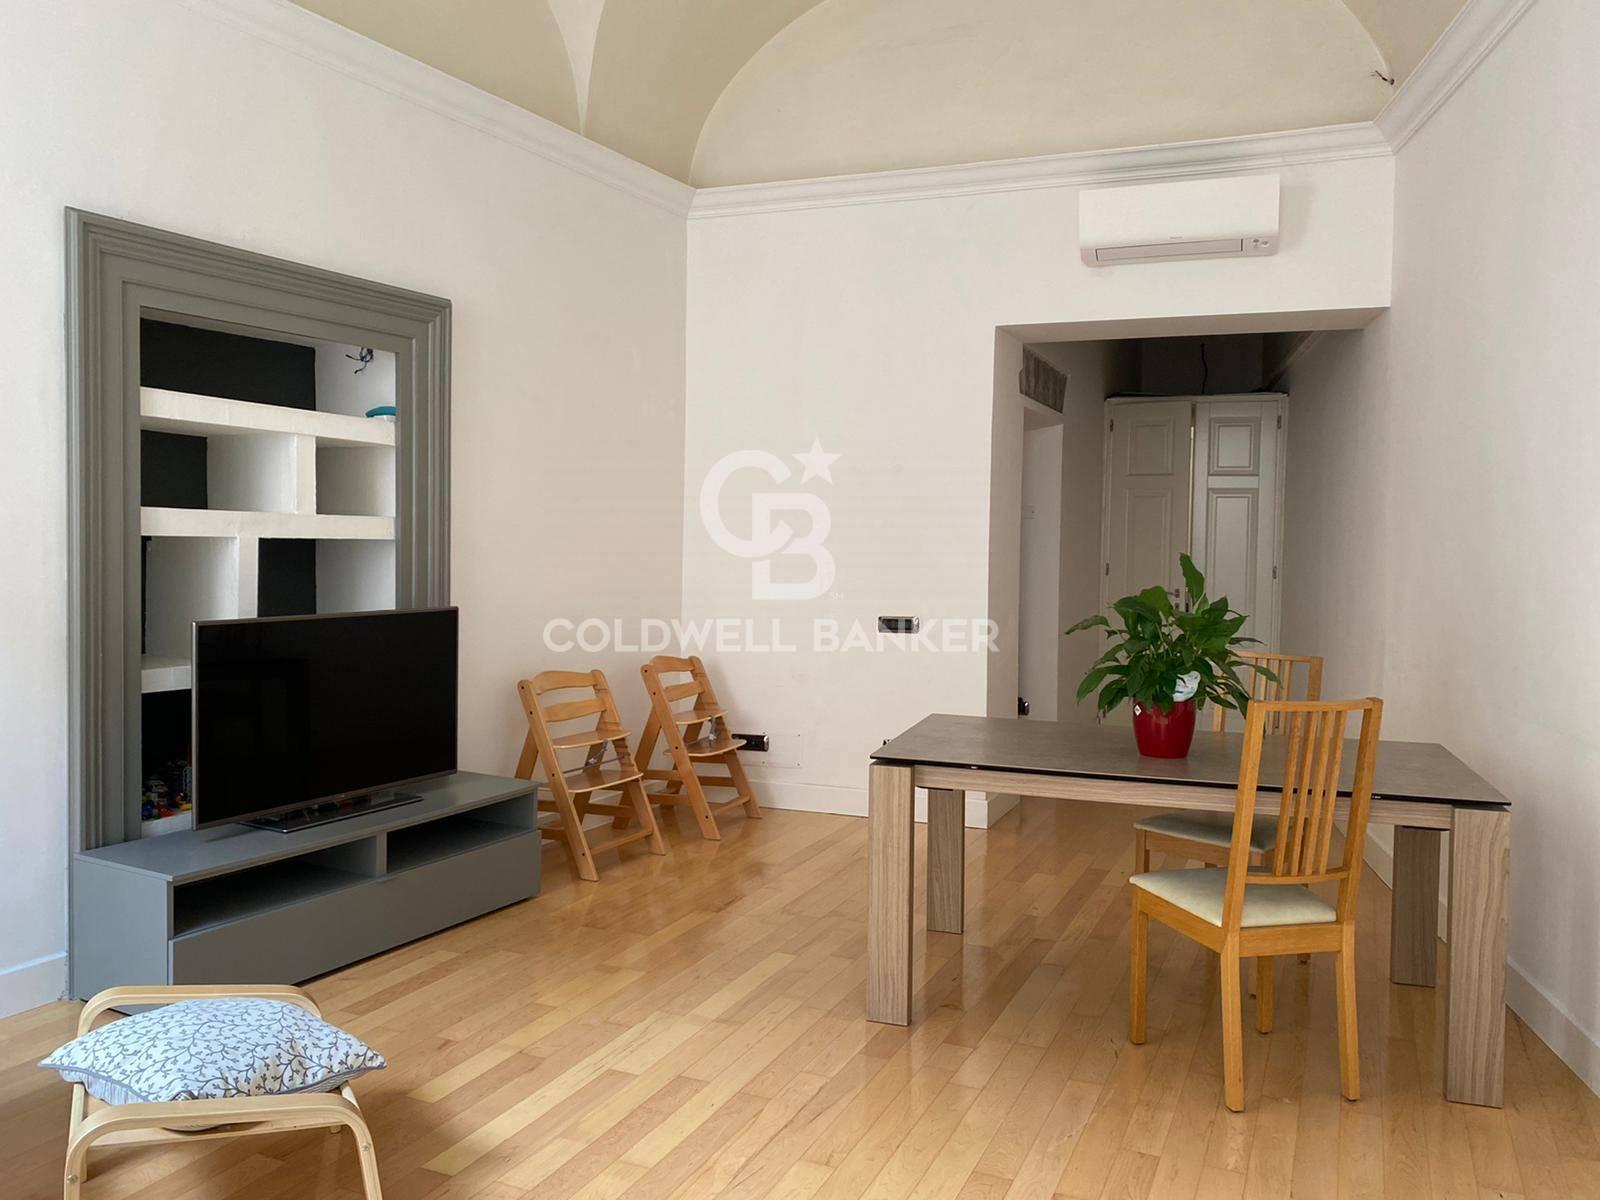 Appartamento in vendita a Viterbo, 3 locali, zona Zona: Centro, prezzo € 140.000 | CambioCasa.it